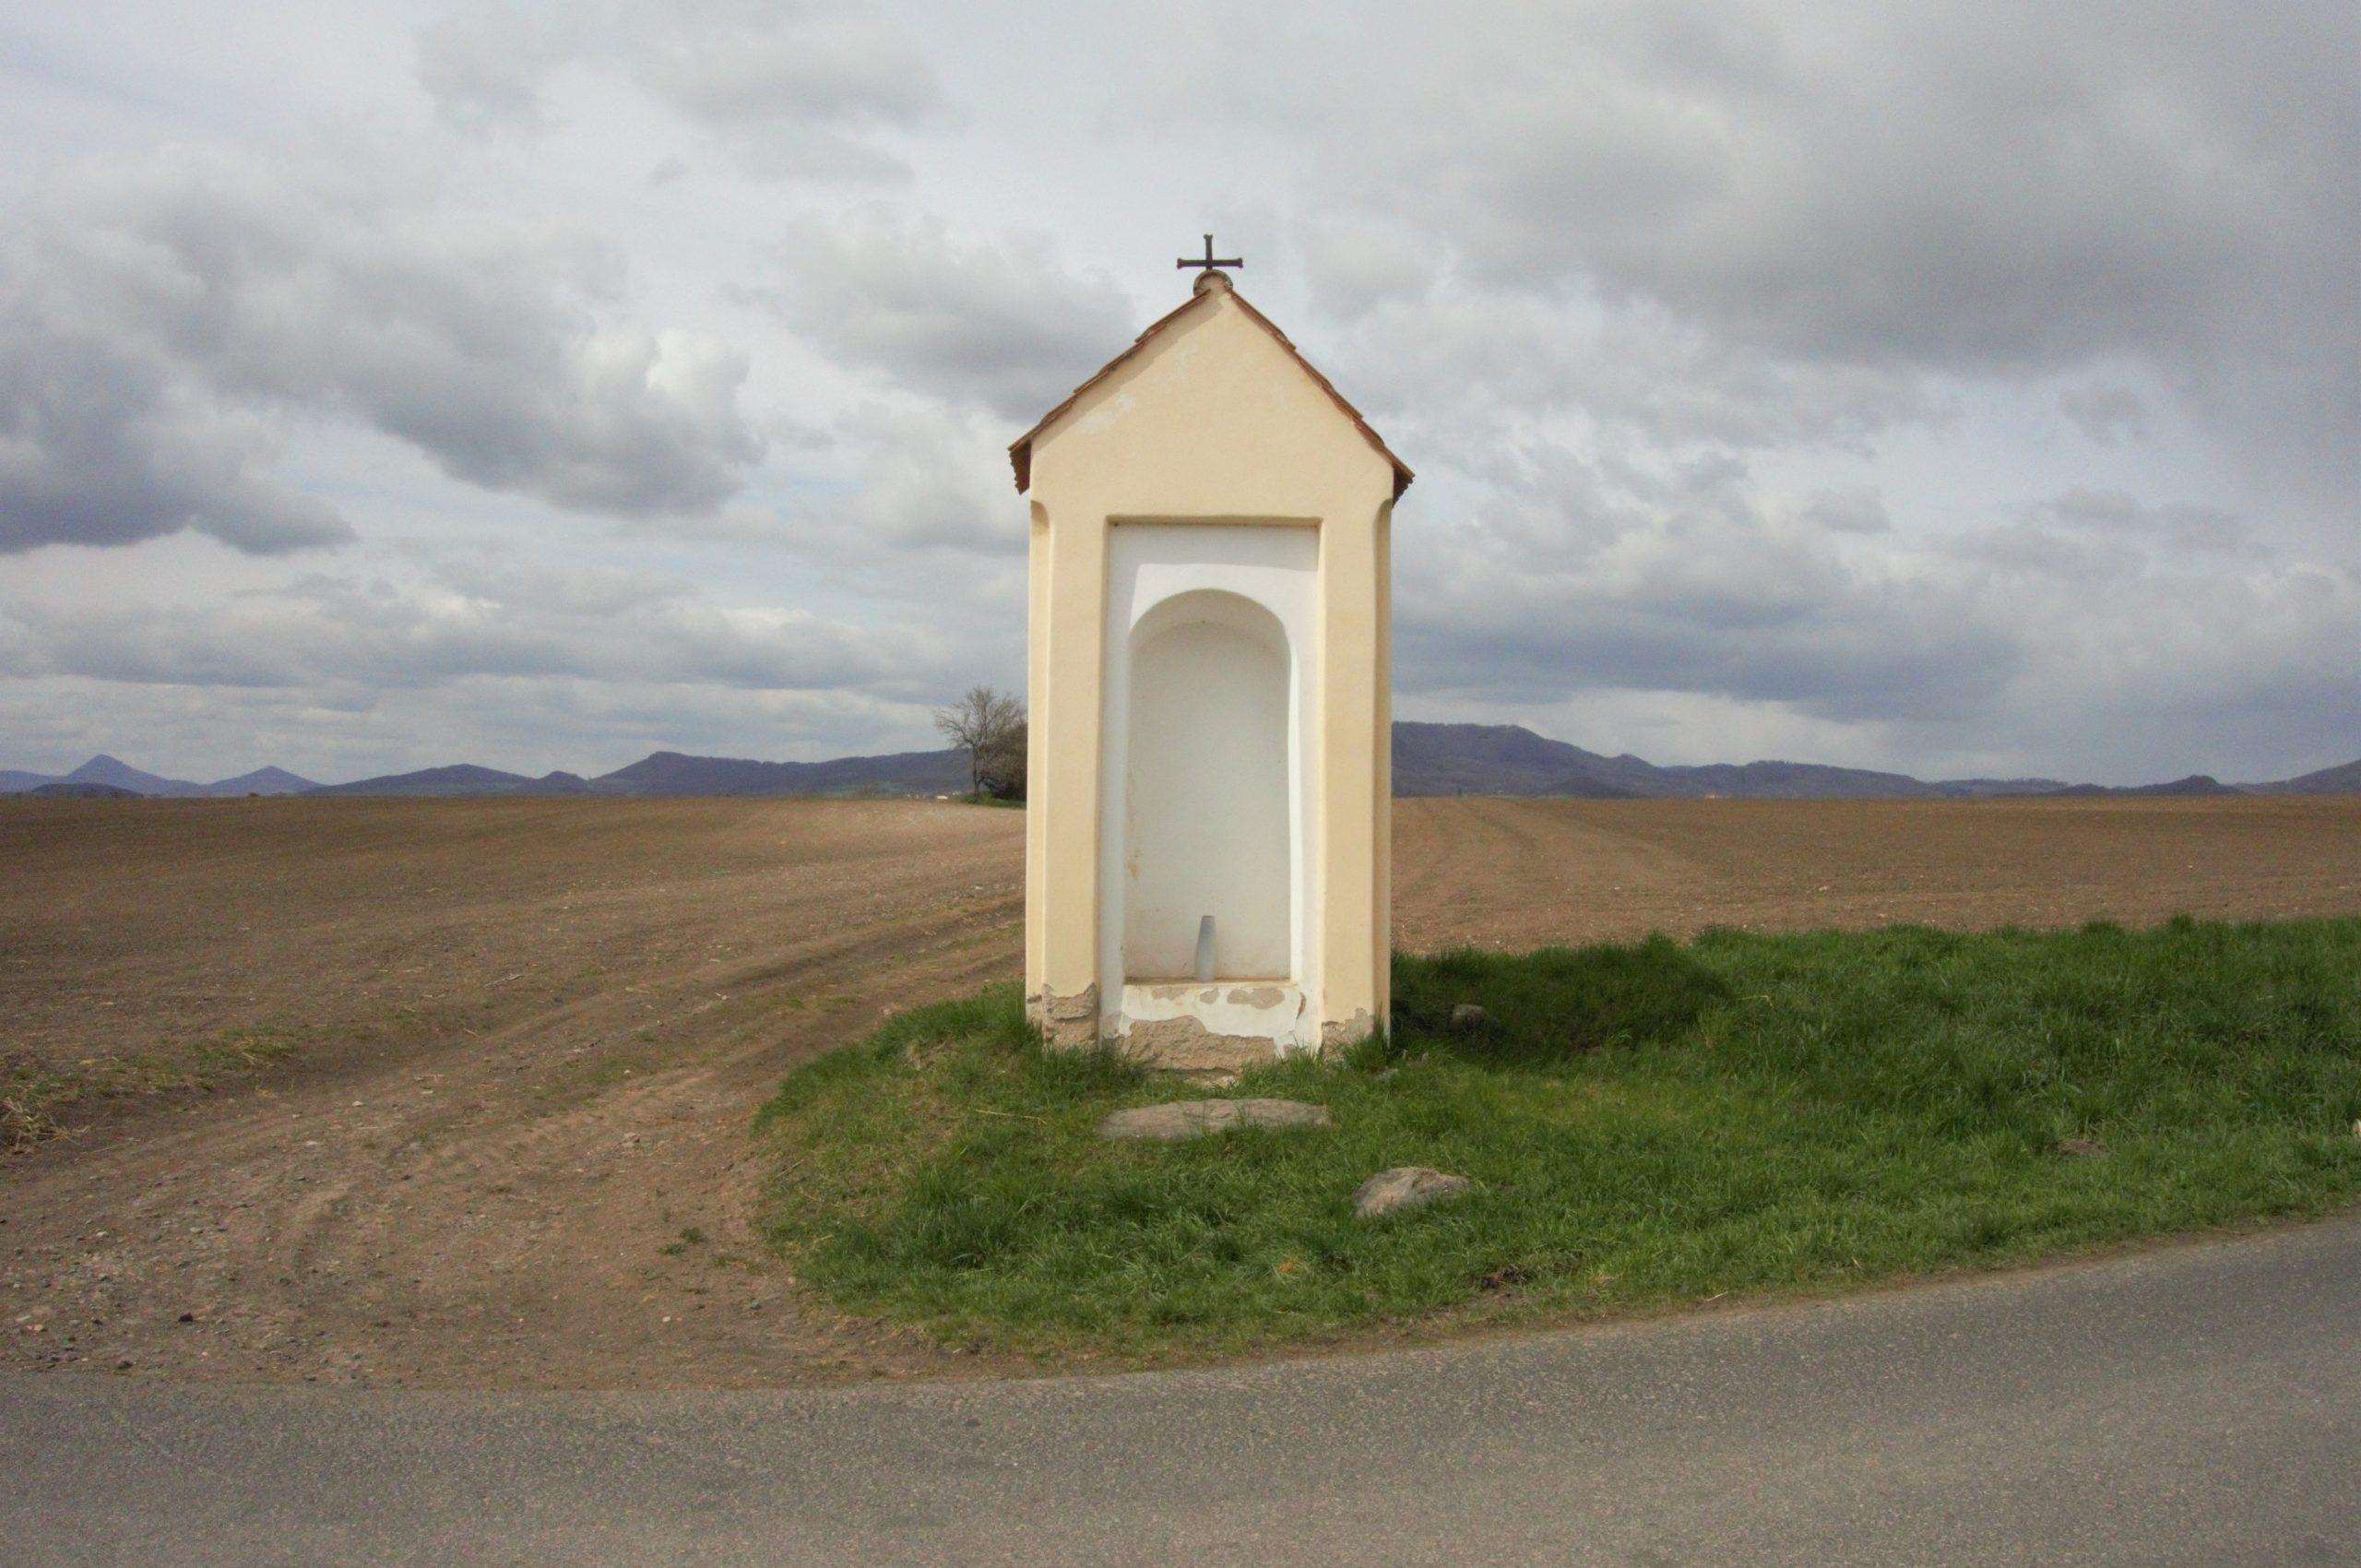 Výklenková kaple u Sedlece. Zde zahněte doleva.